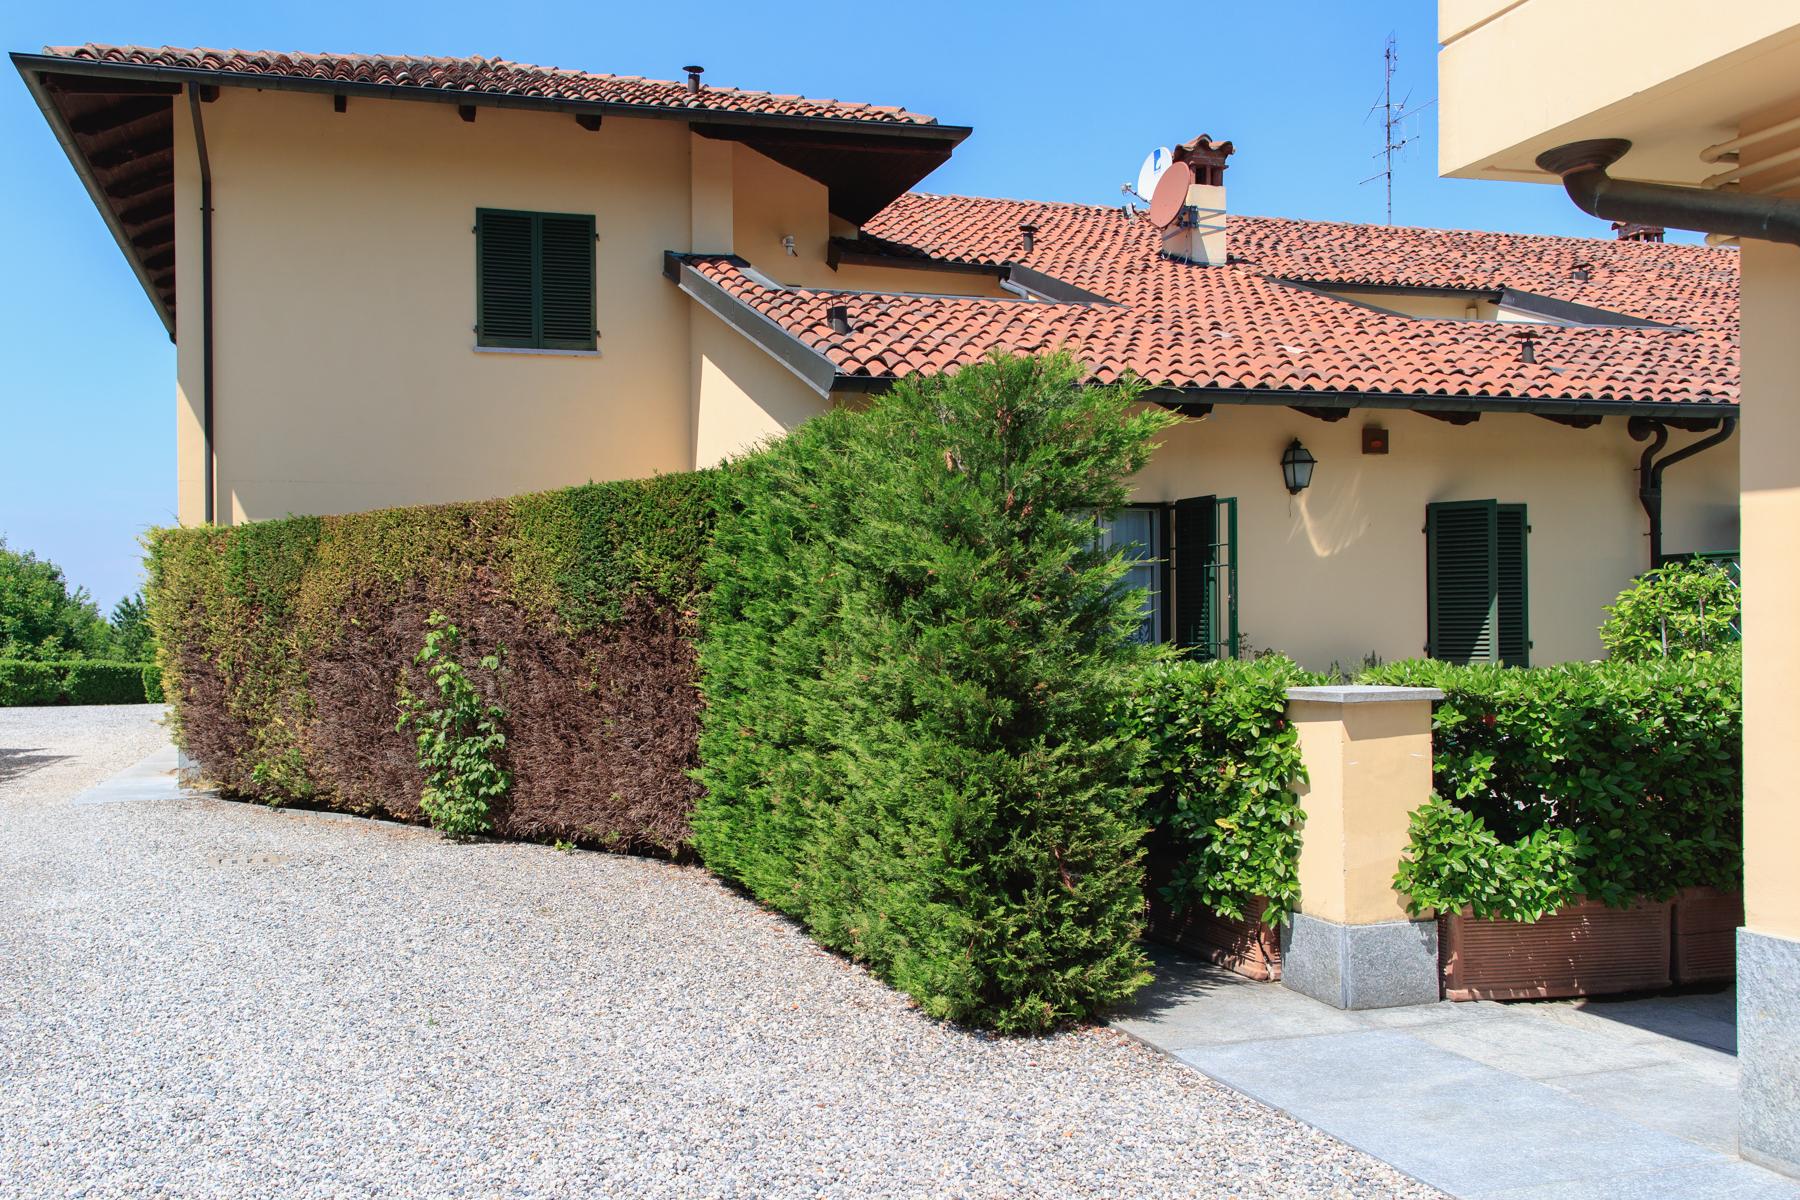 Casa indipendente in Vendita a Moncalieri: 5 locali, 370 mq - Foto 25